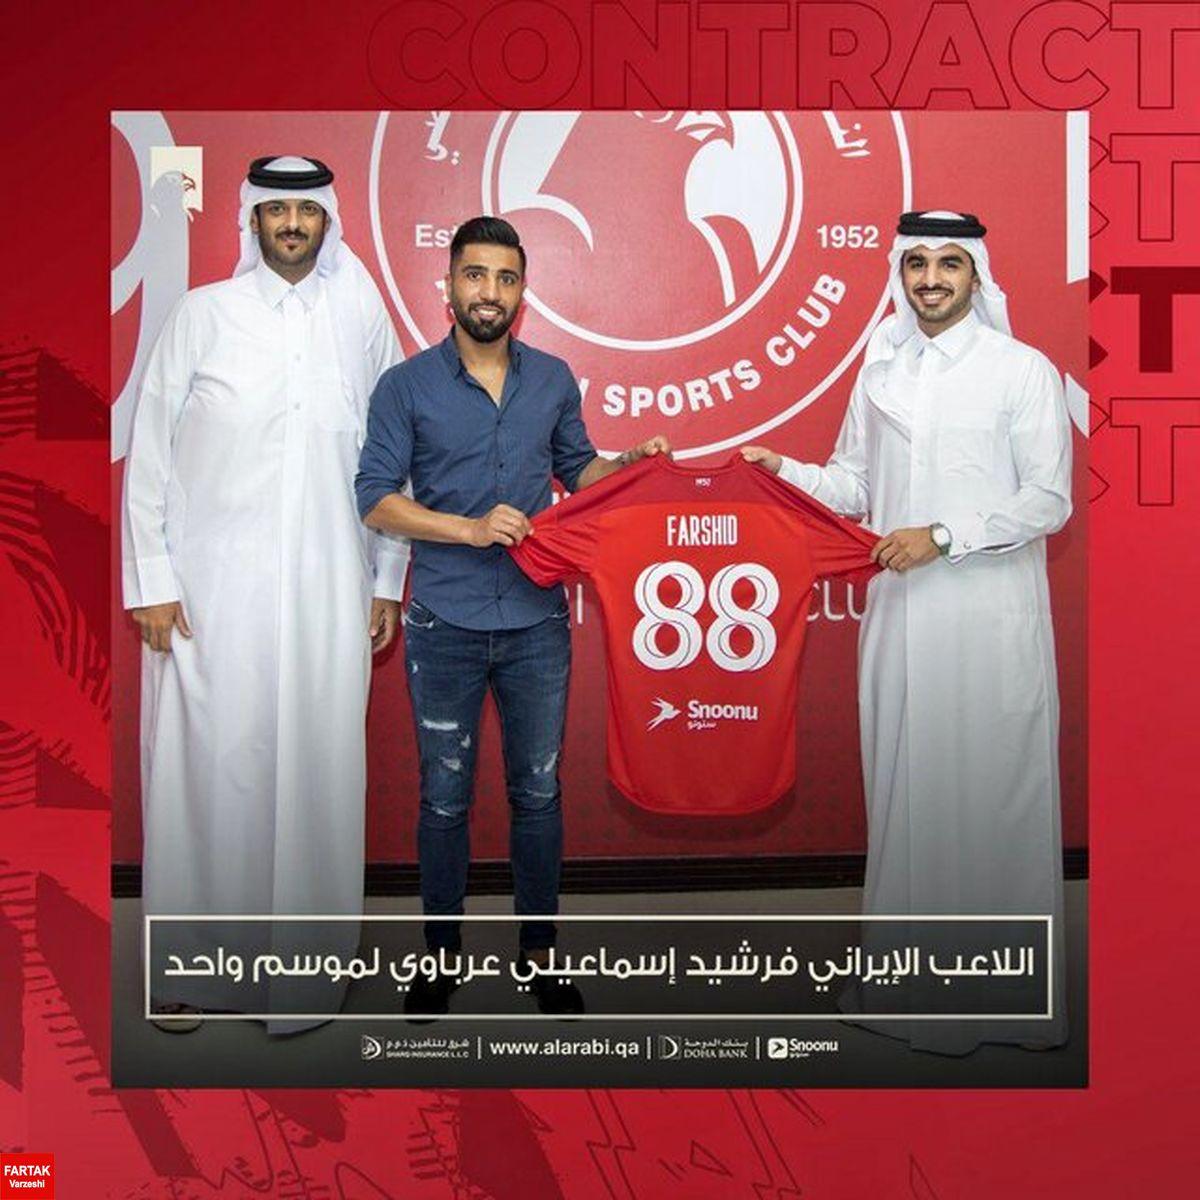 رسمی؛ فرشید اسماعیلی به العربی قطر پیوست